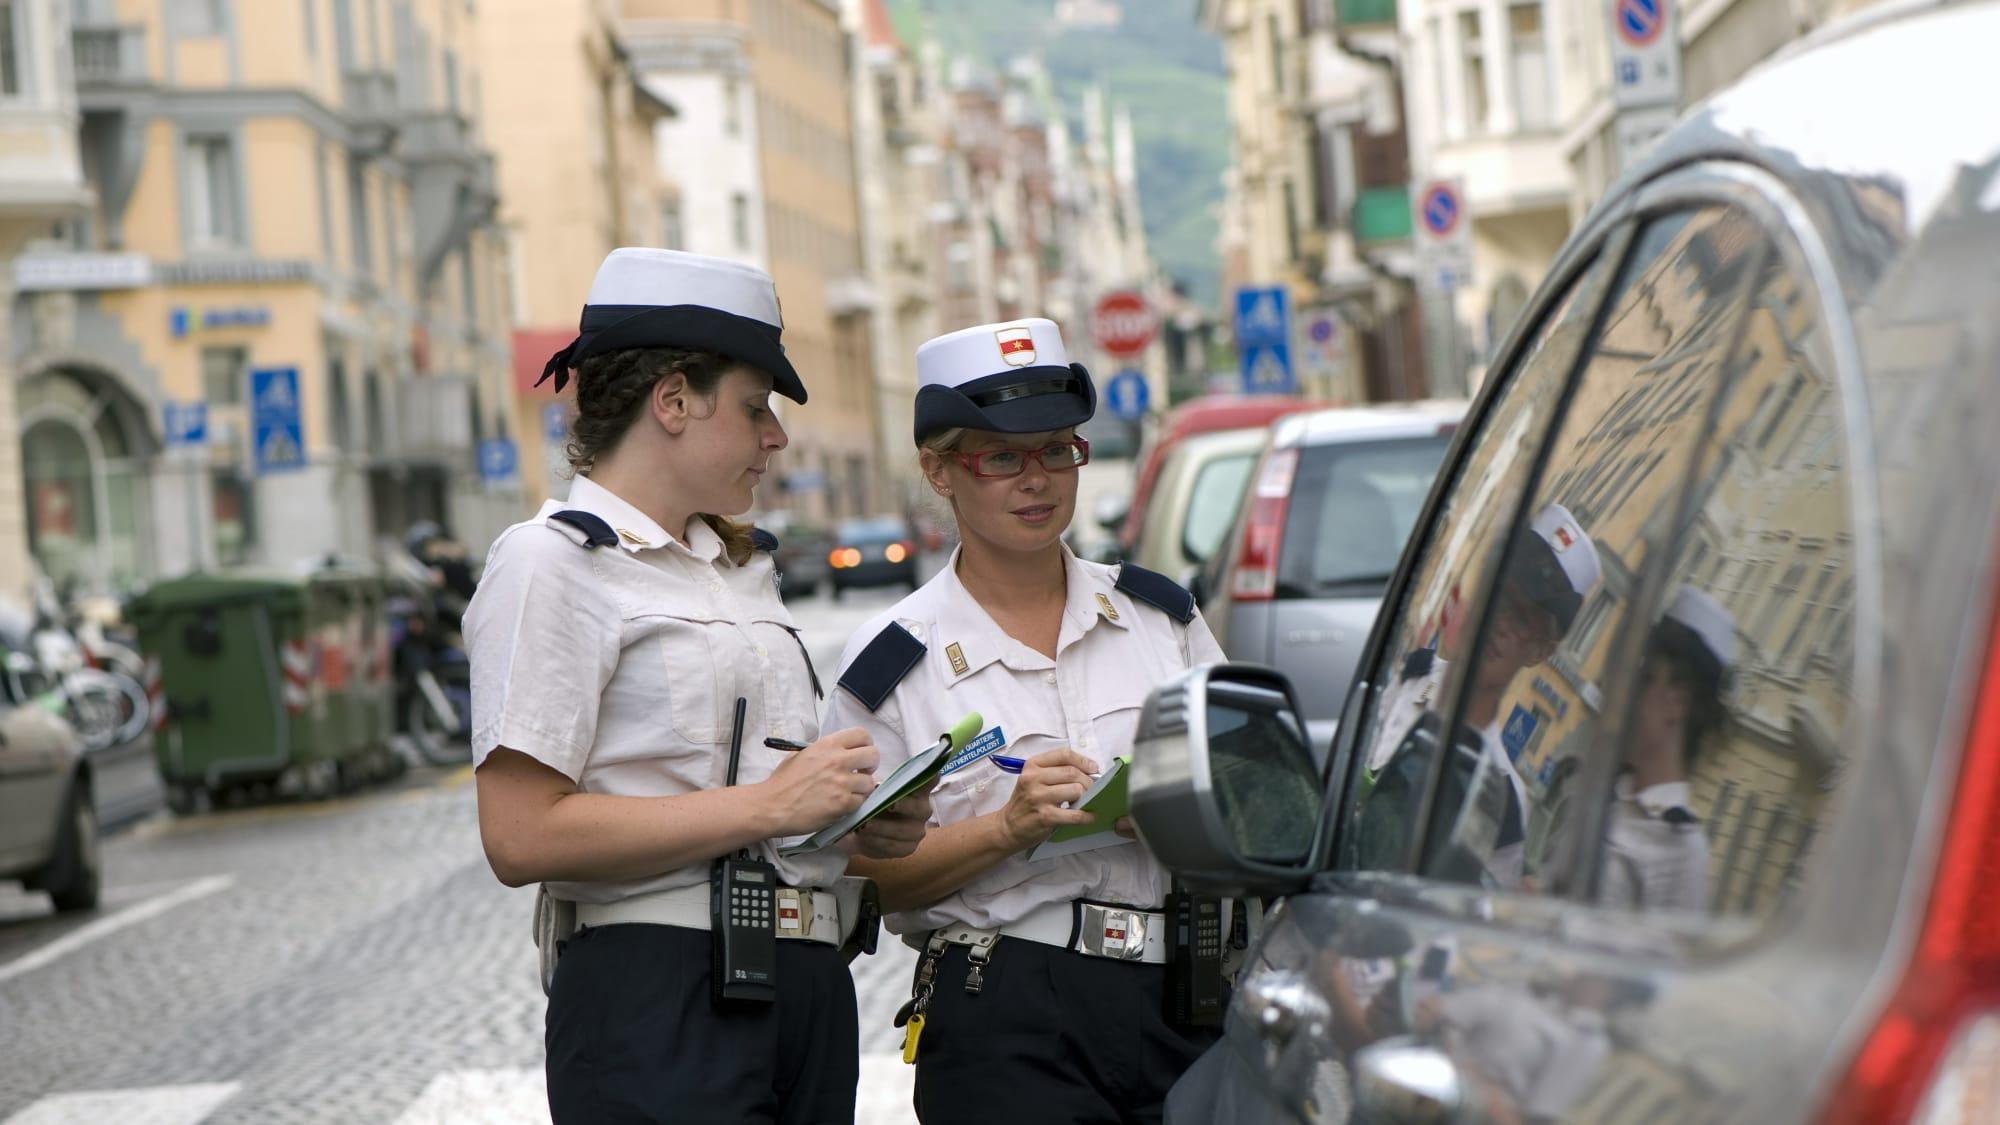 Zwei italienische Politessen schreiben in Bozen einen Strafzettel für ein parkendes Auto